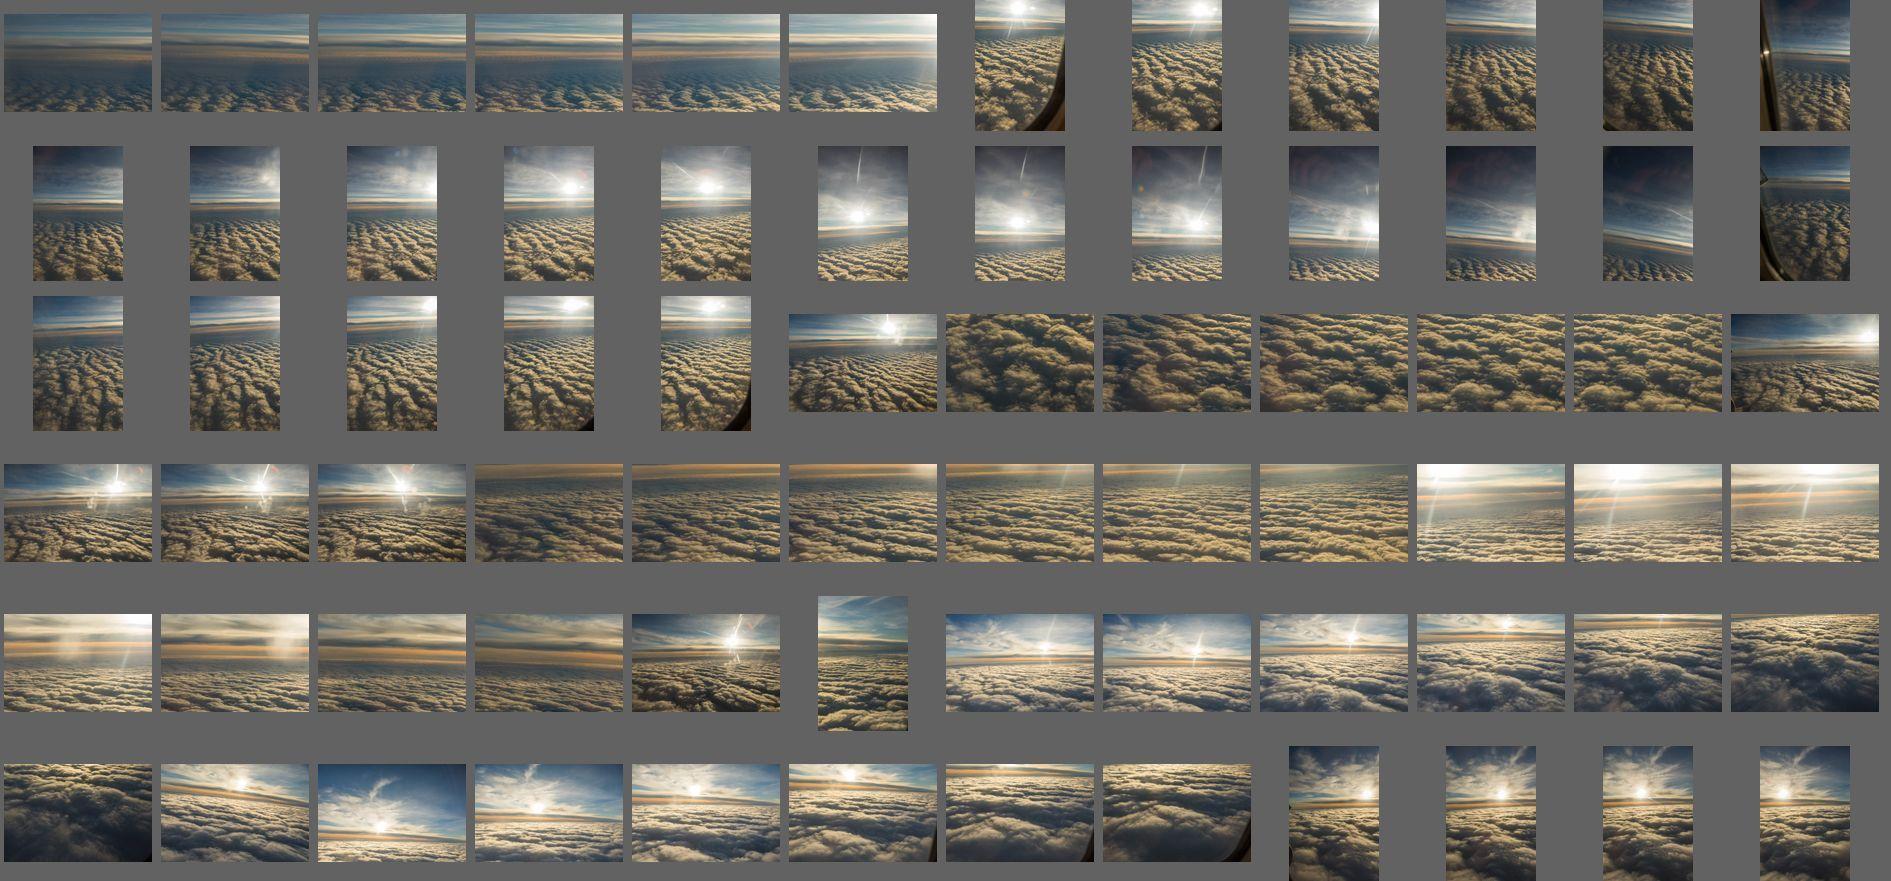 دانلود رایگان Aerial Clouds vol.7 بک گراند آسمان برای فتوشاپ پست پروداکشن